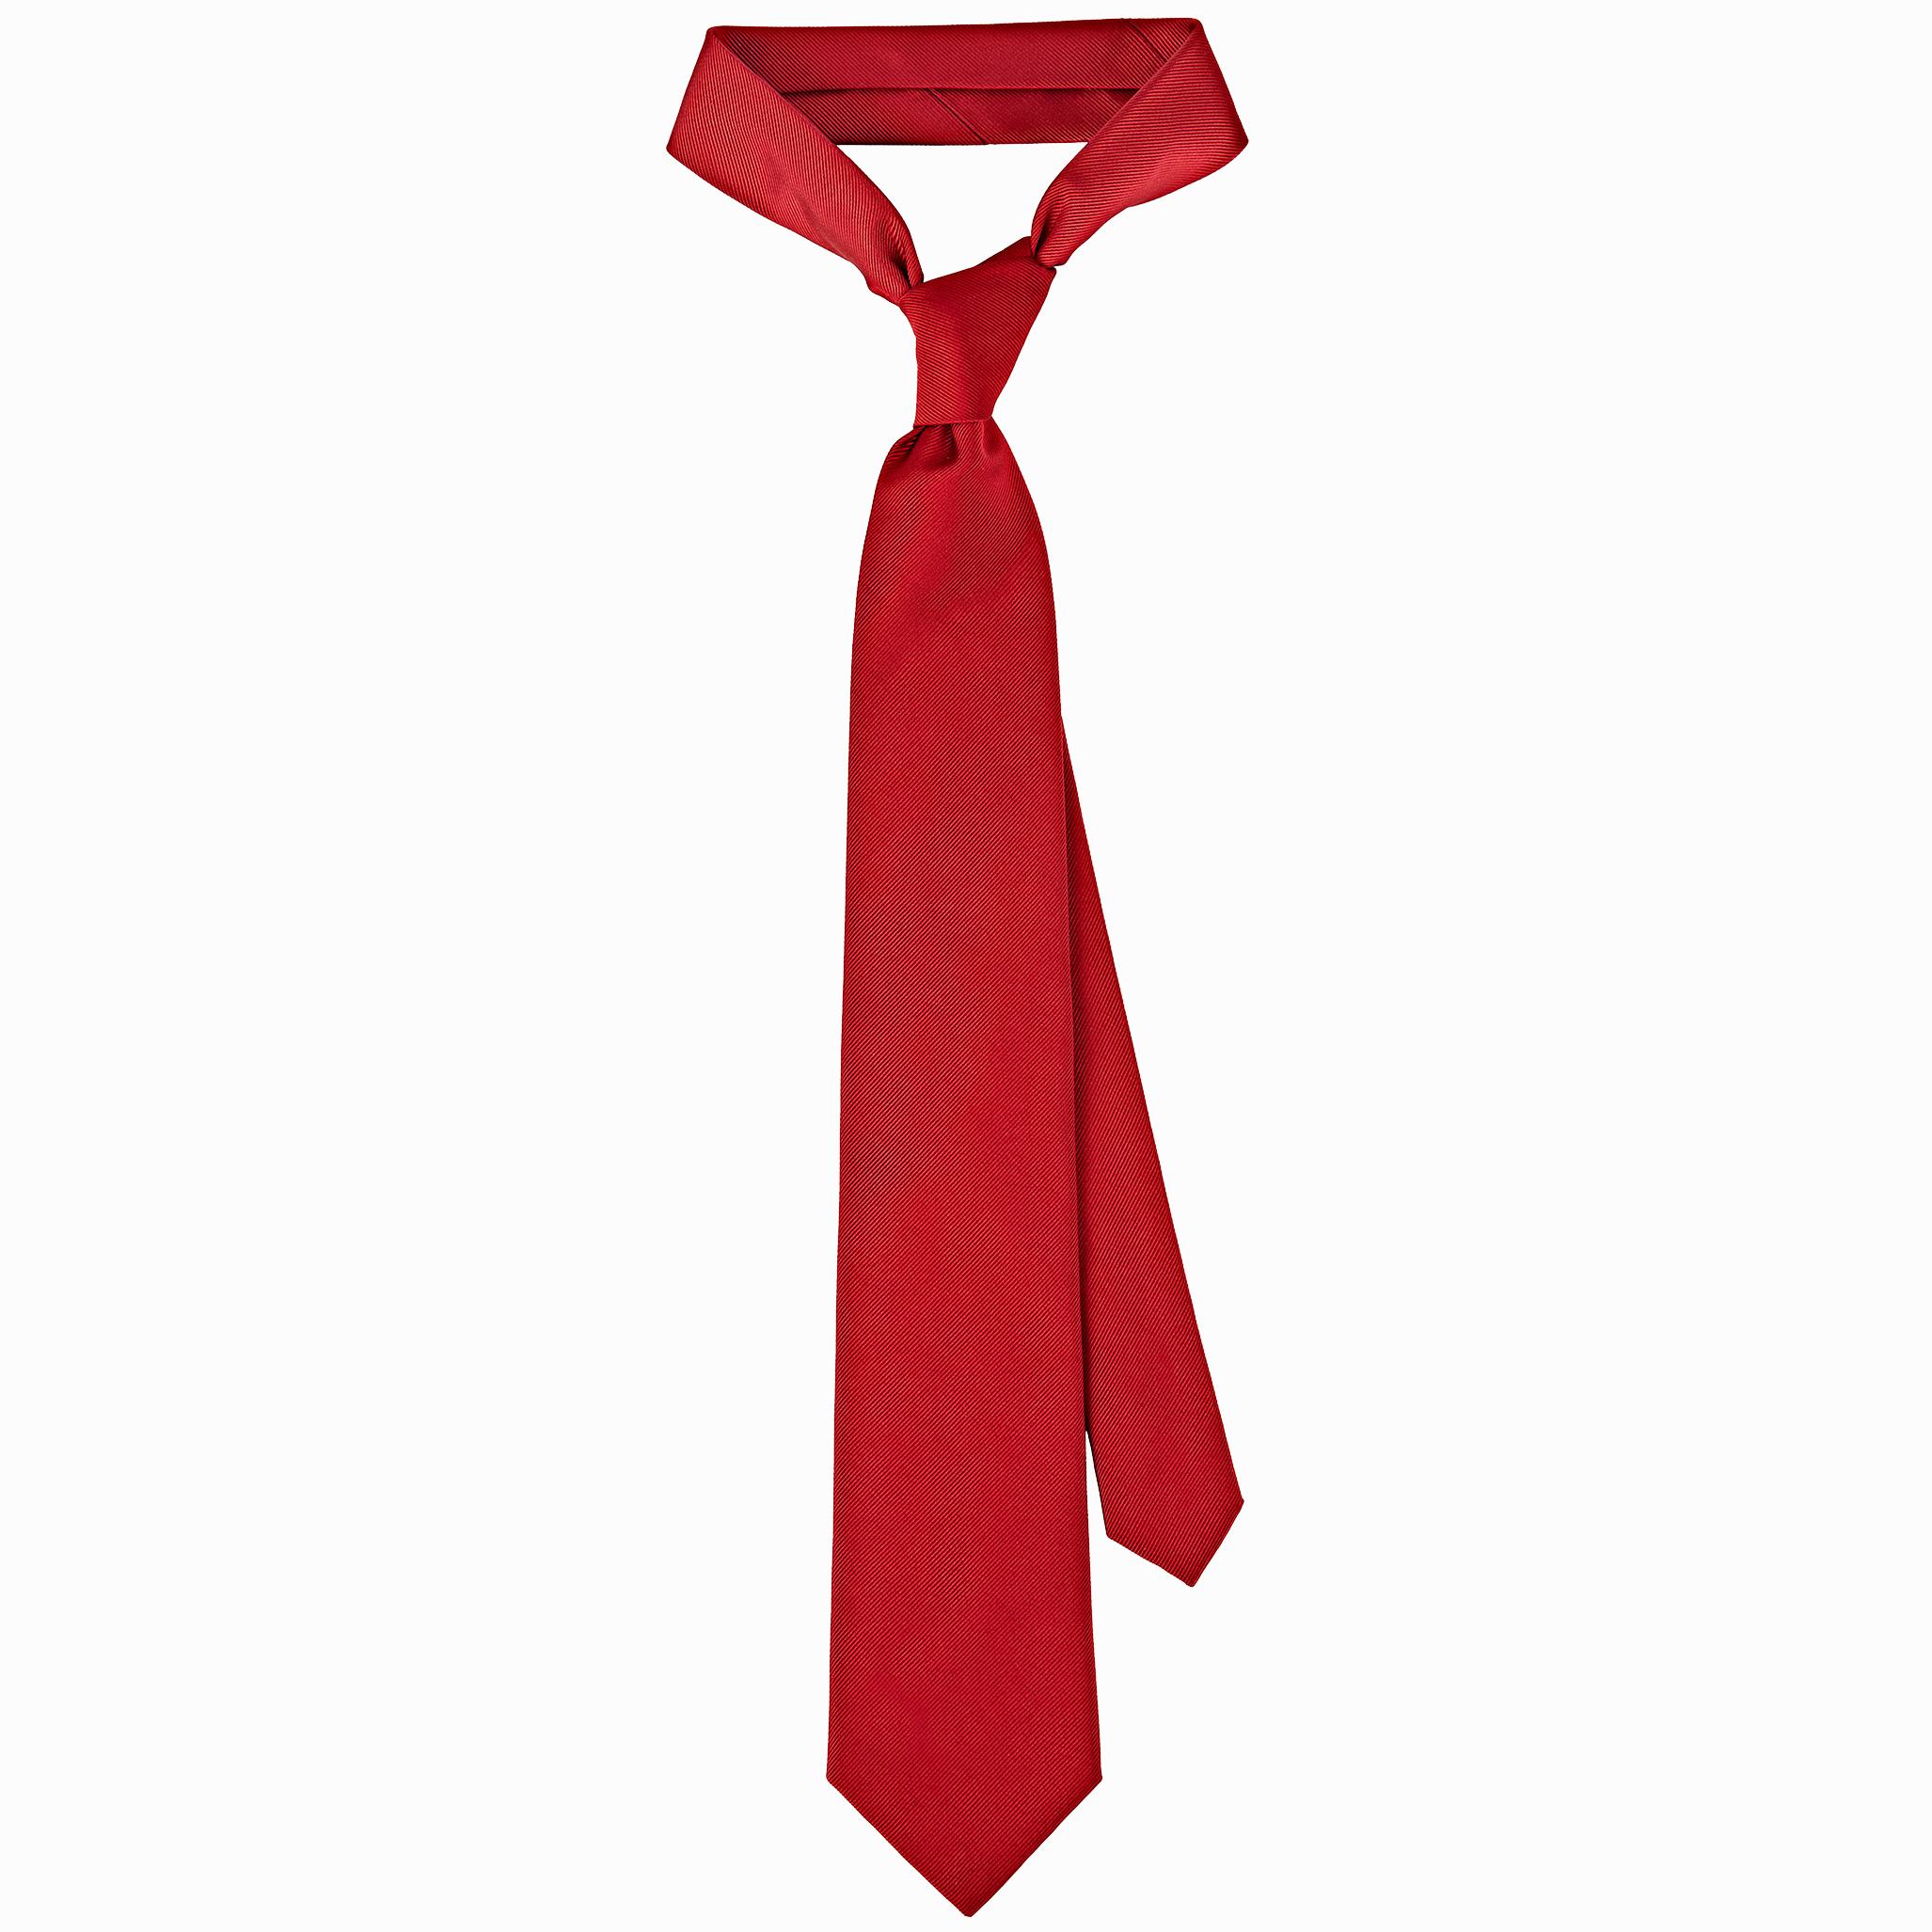 2_Tie_Classic Twill_Red.jpg